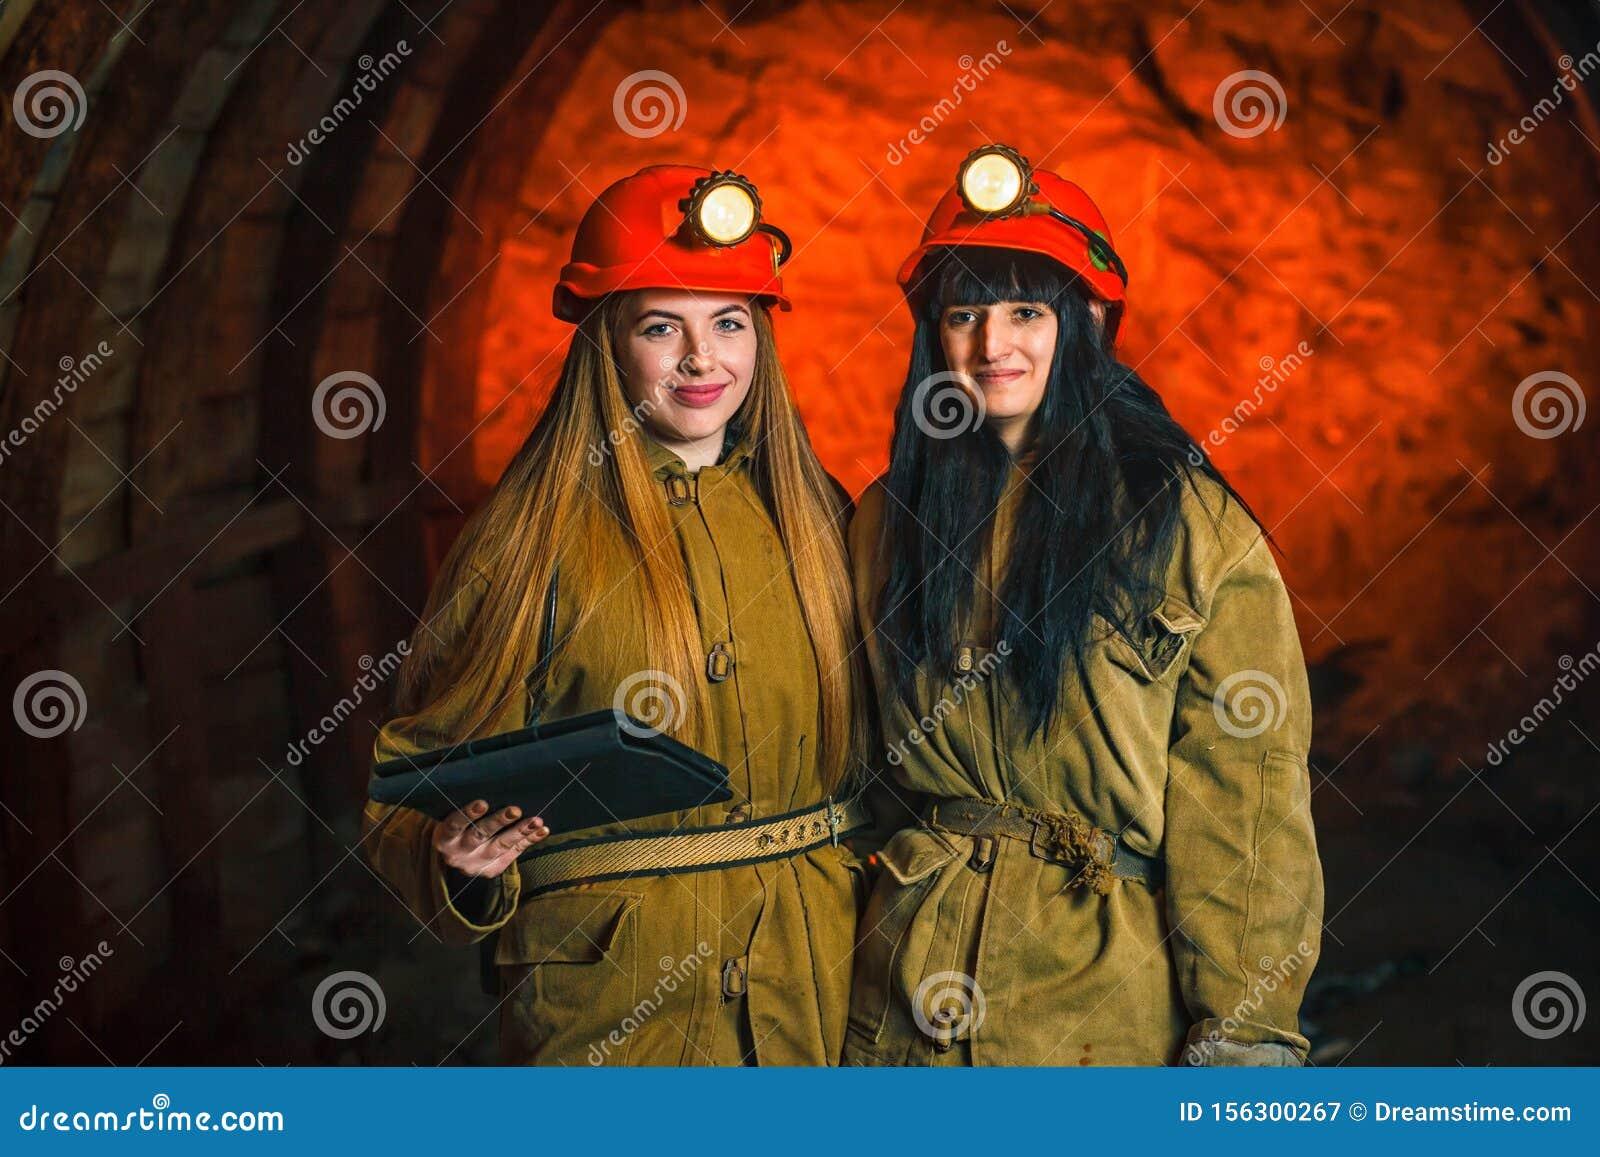 Работа в шахте для девушки девушка модель работа психолога с педагогами